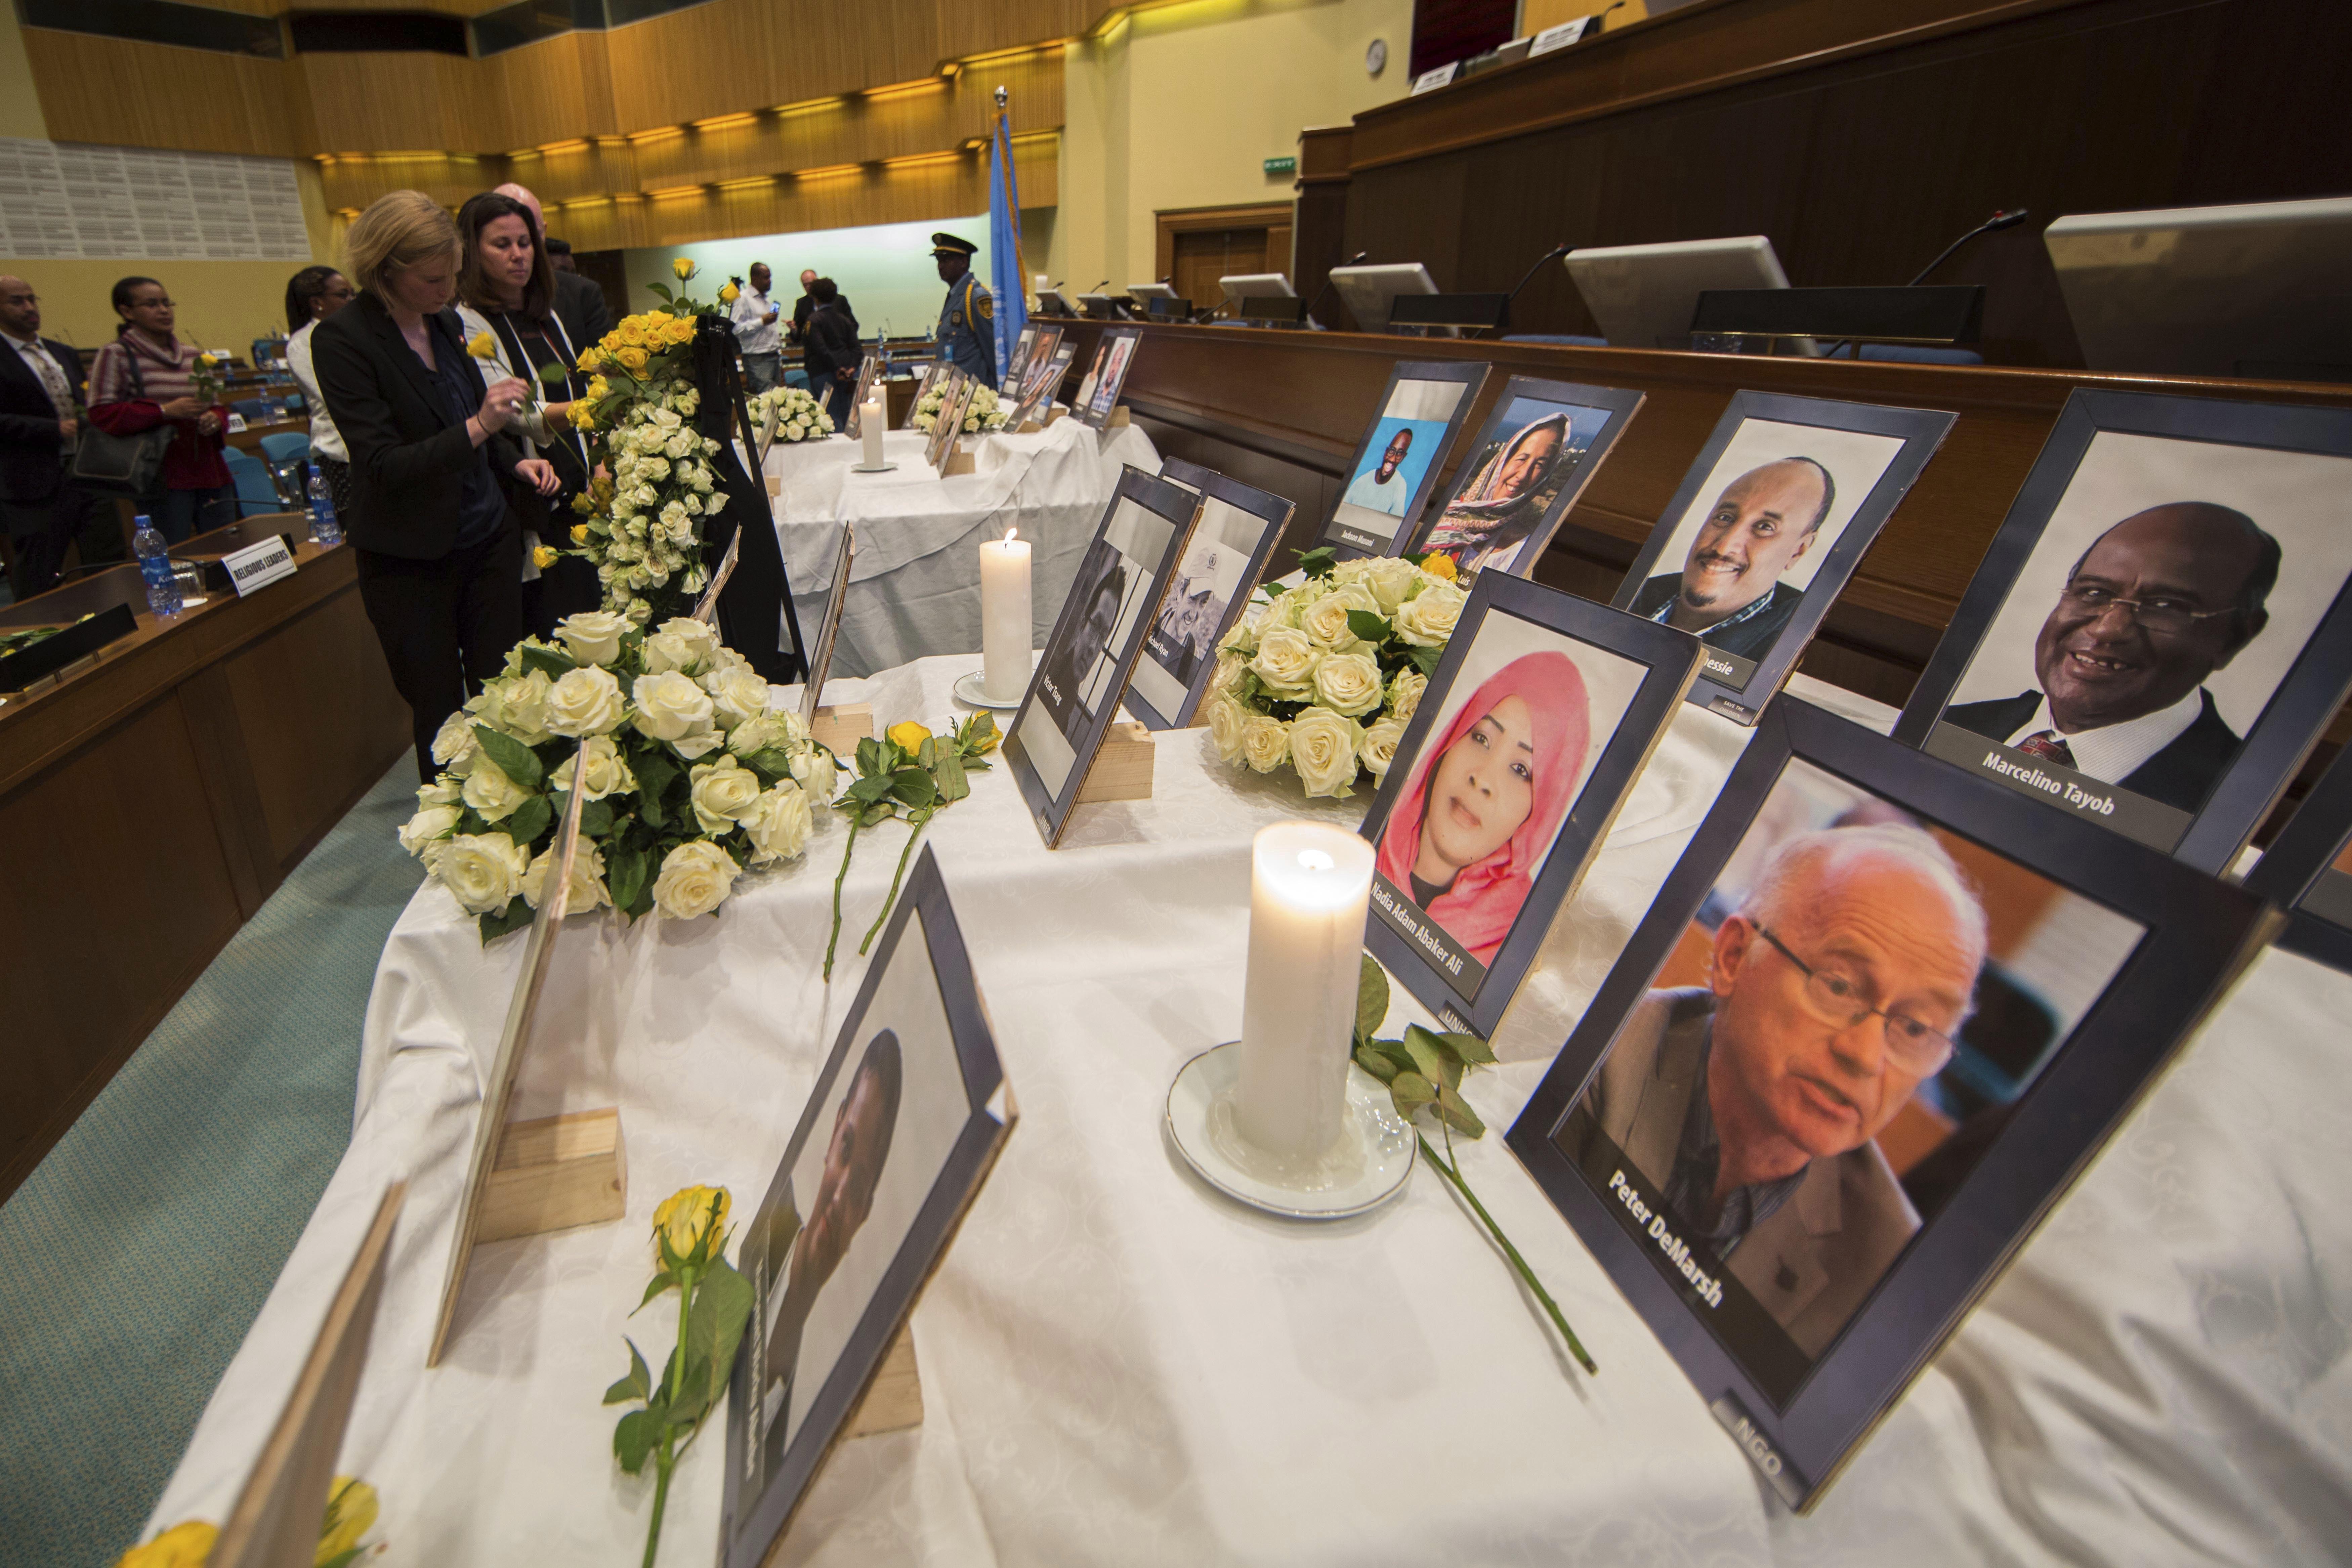 埃航空难一名遇难者亲属起诉波音 索赔2.76亿美元